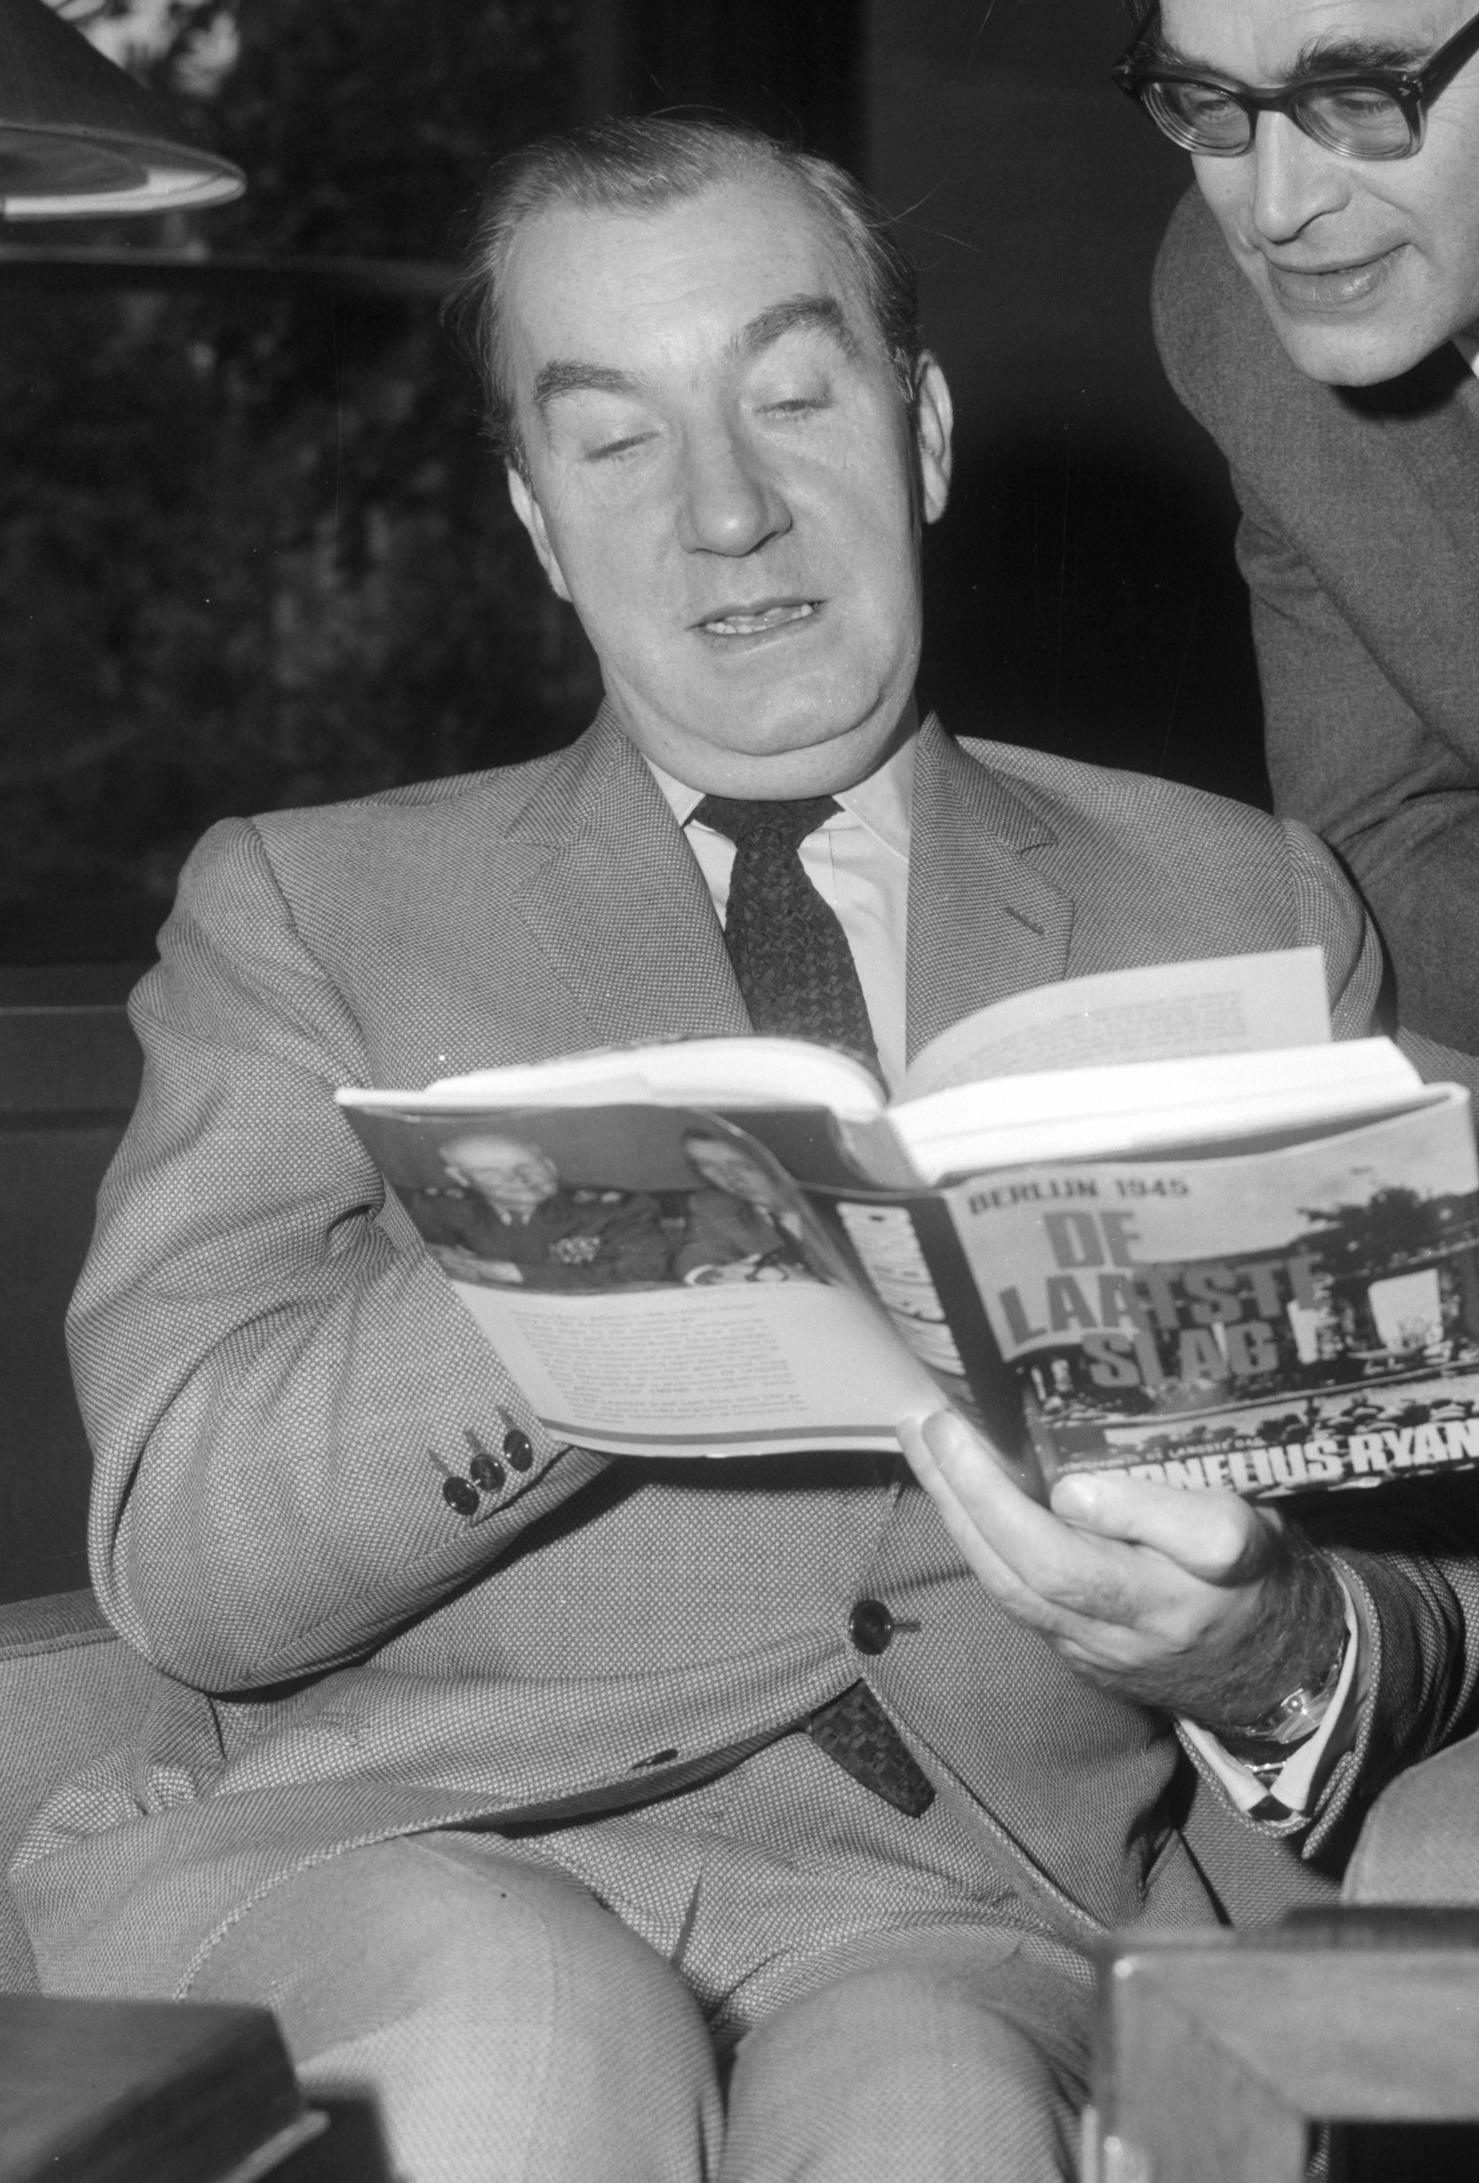 Cornelius Ryan and the Dutch author [[Godfried Bomans